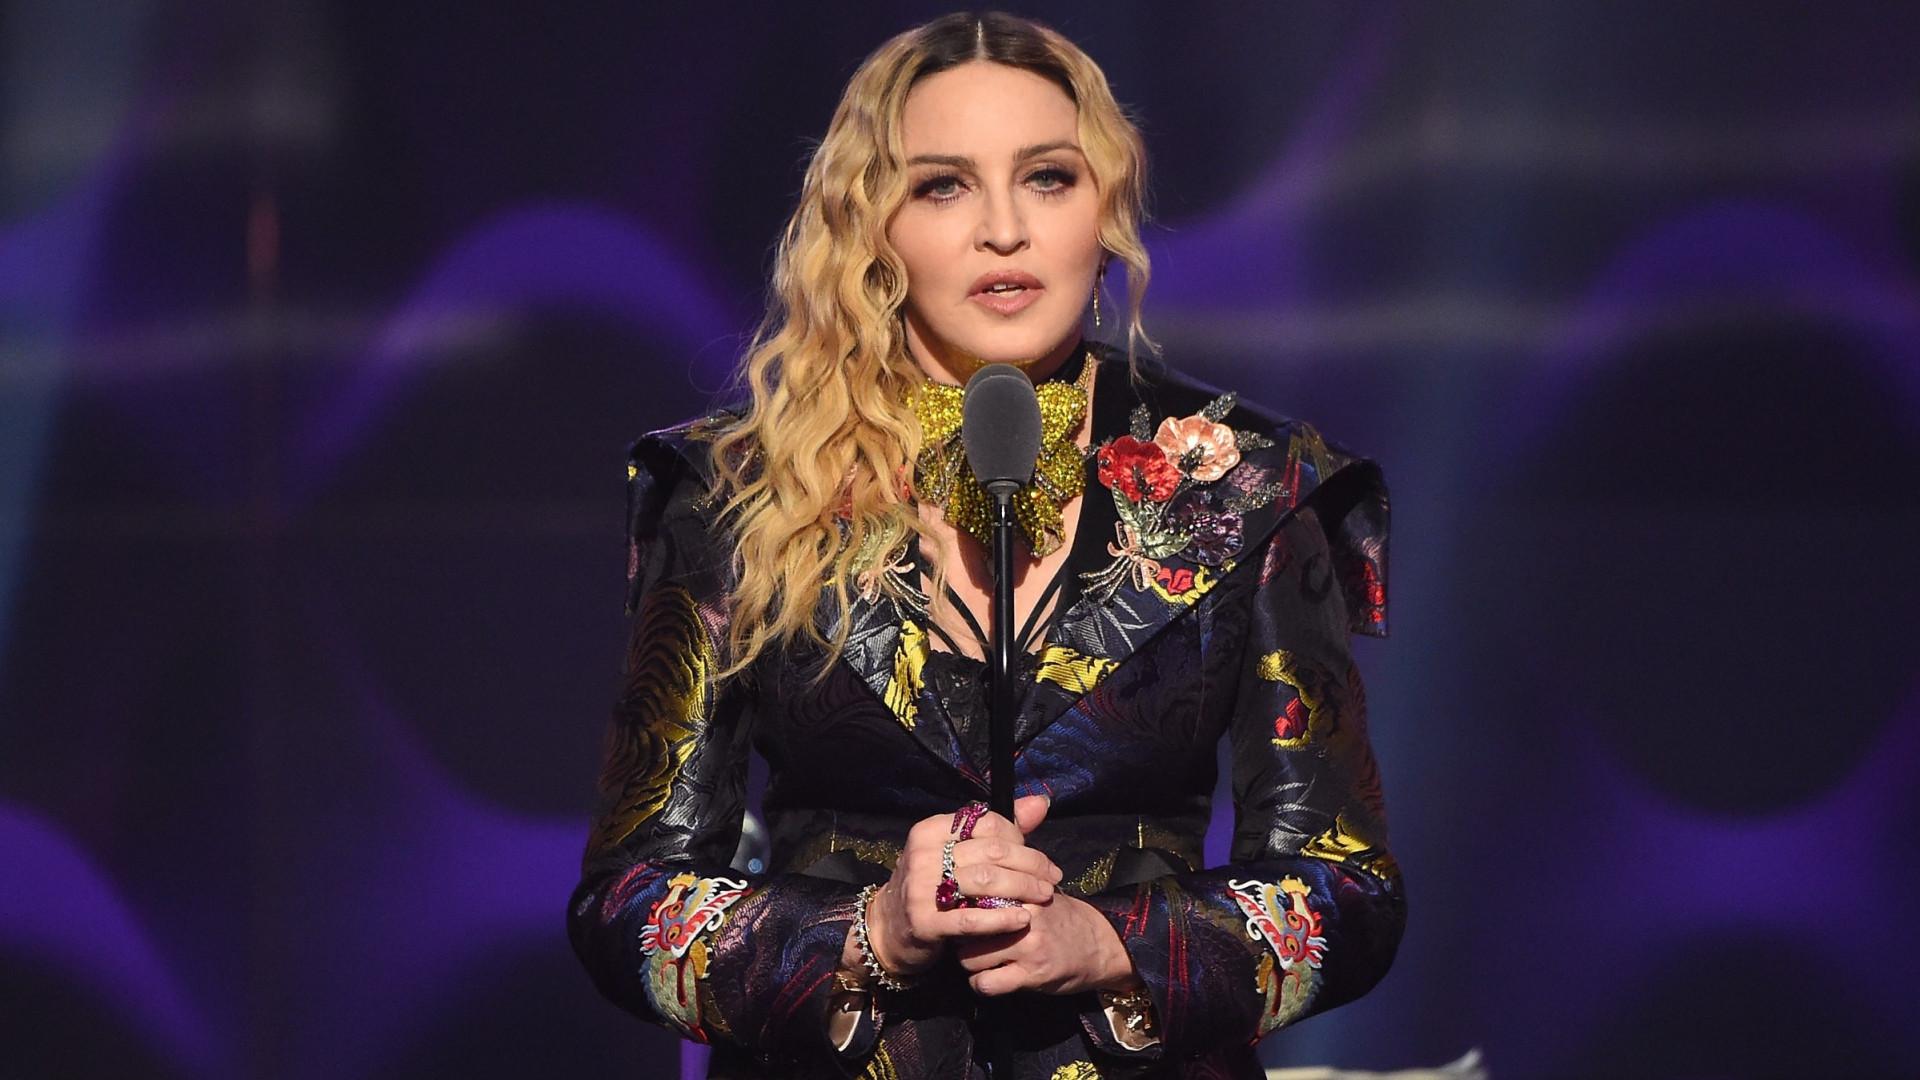 Madonna causa polêmica após insinuar que covid-19 é 'bom equalizador'